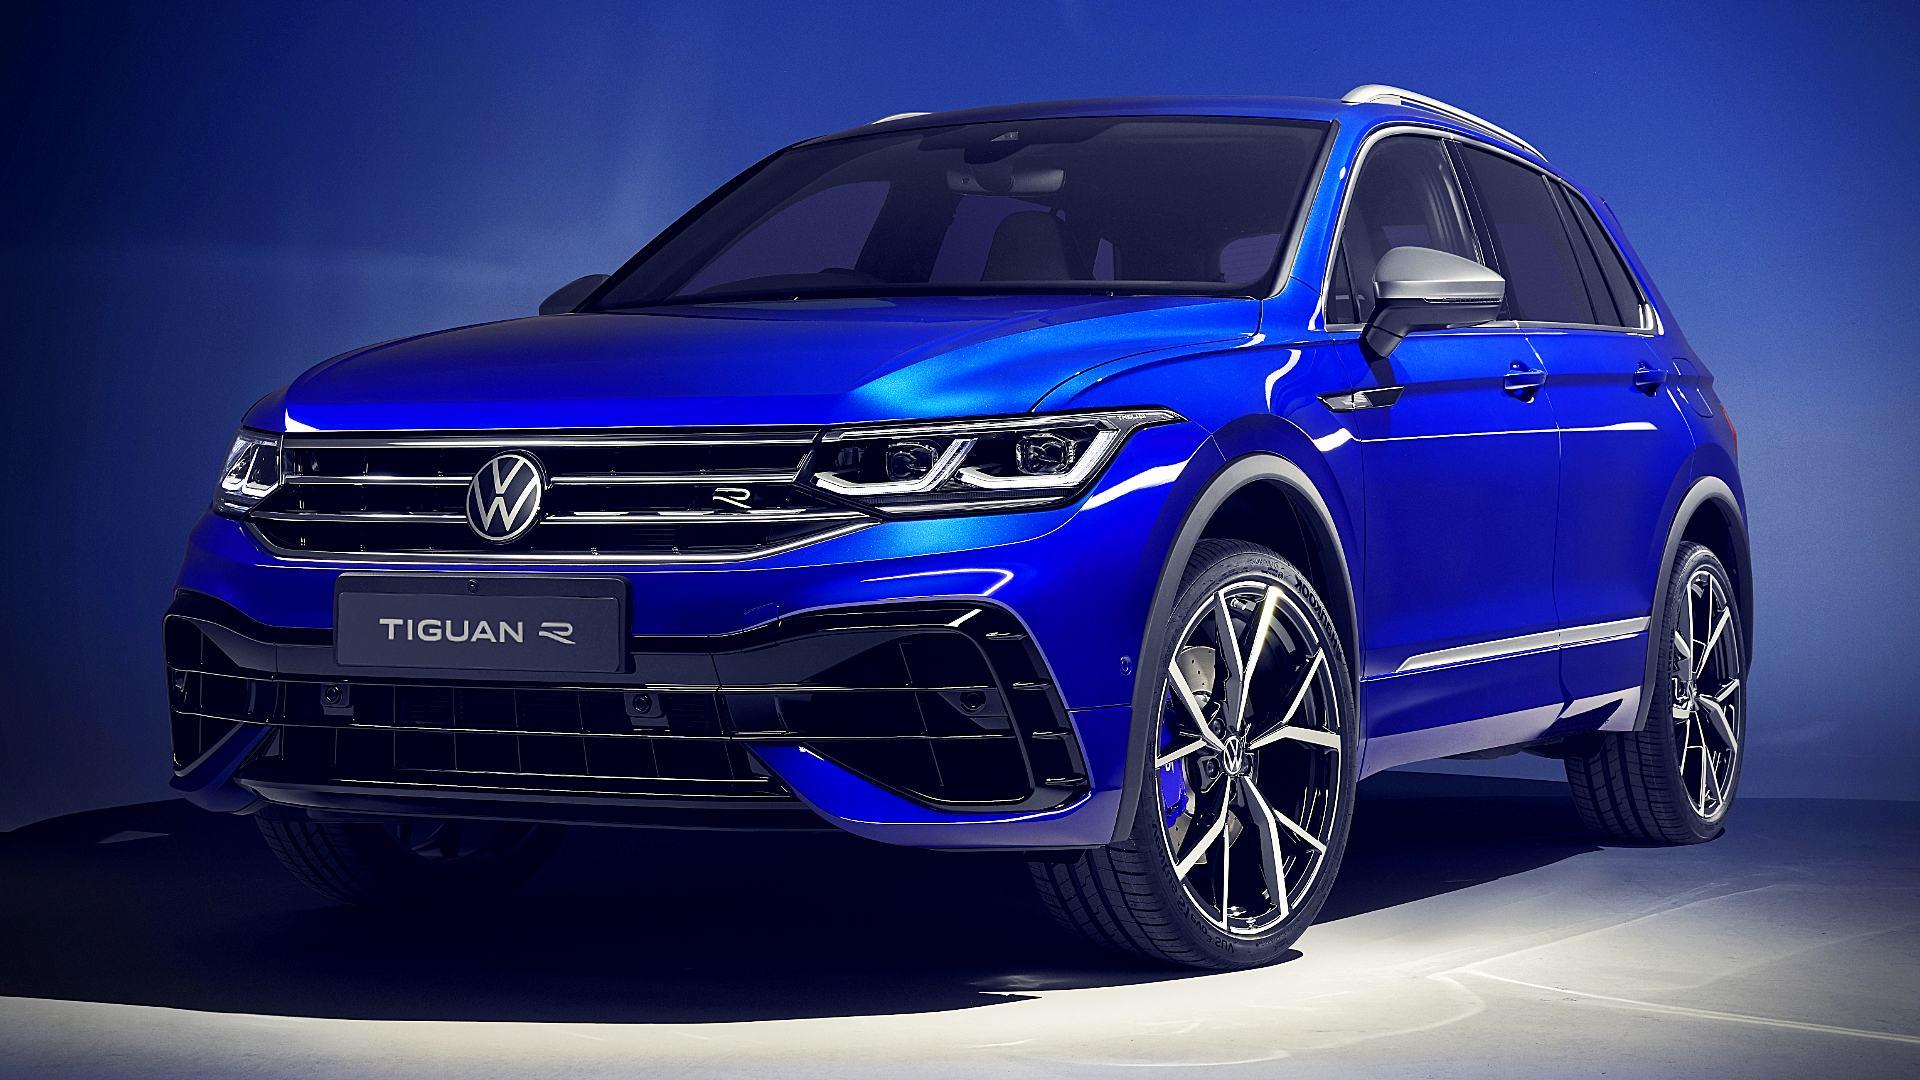 2021 VW Tiguan R Wallpaper Photos Pictures